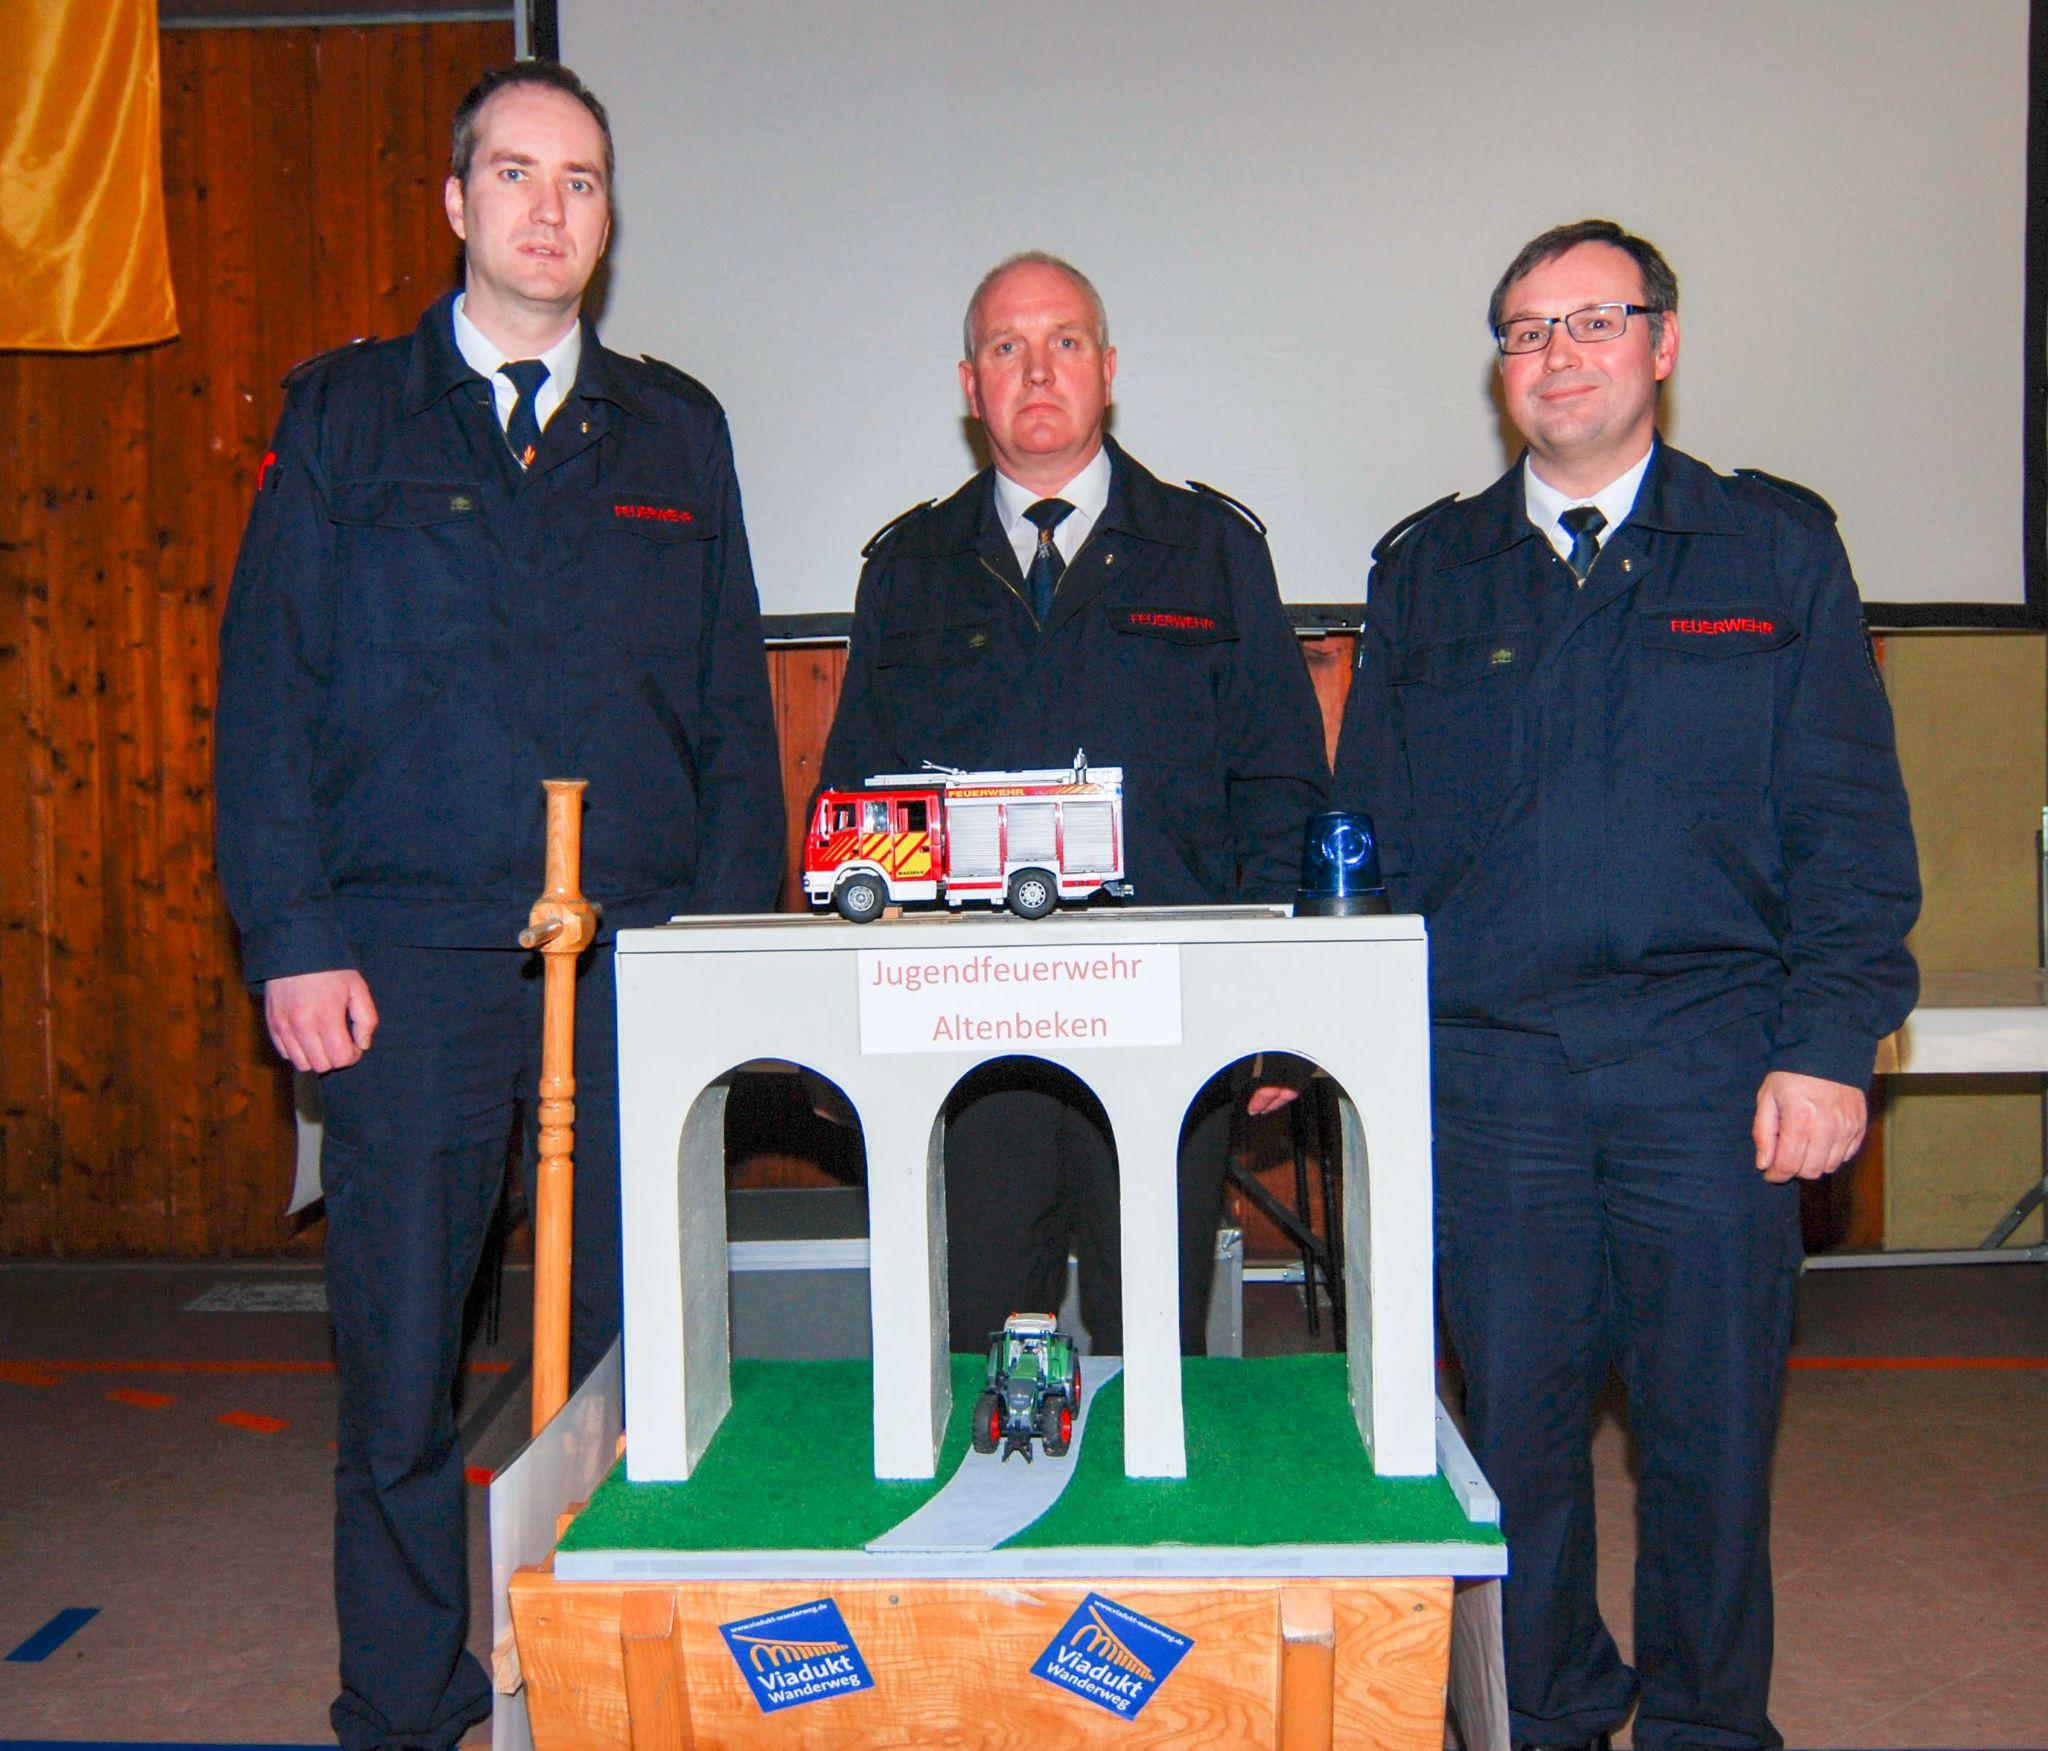 Der ehemalige Wehrführer Josef Lütkemeyer (Mitte) übergibt an die neue Wehrleitung Rainer Hartmann (rechts) und Sven Stratemann (links) eine gut aufgestellte Feuerwehr.